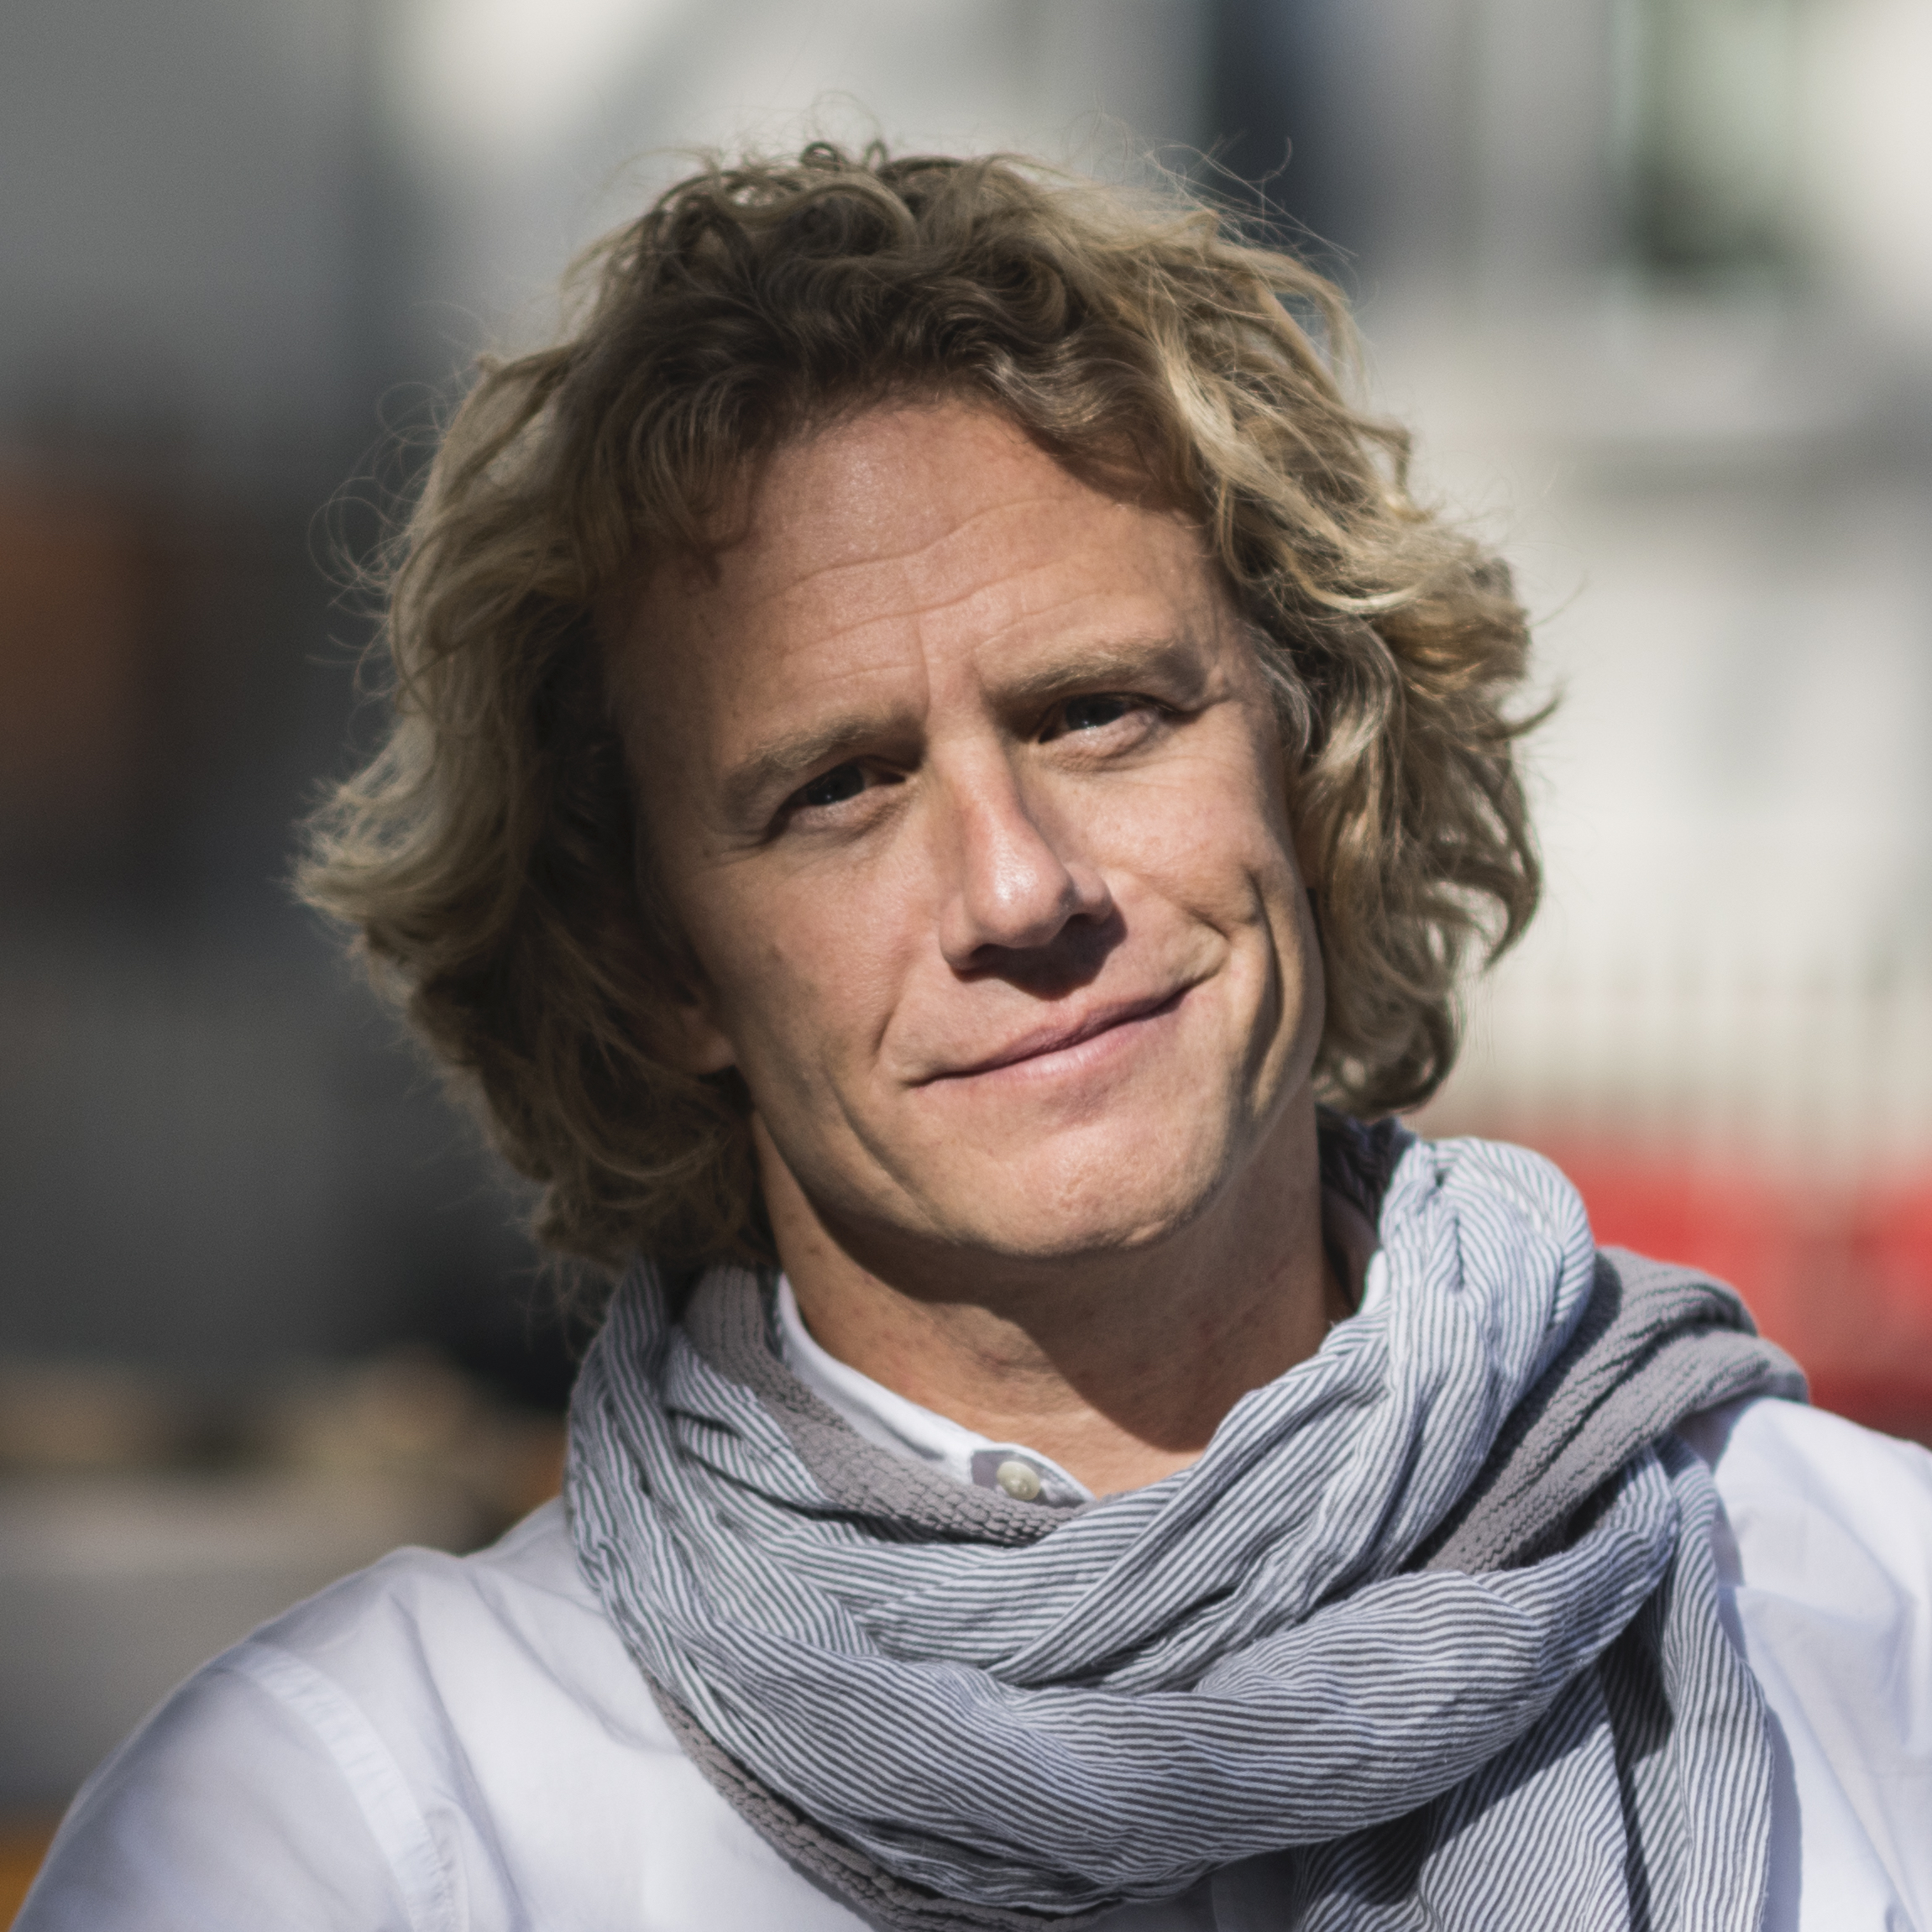 Stefan Klameth